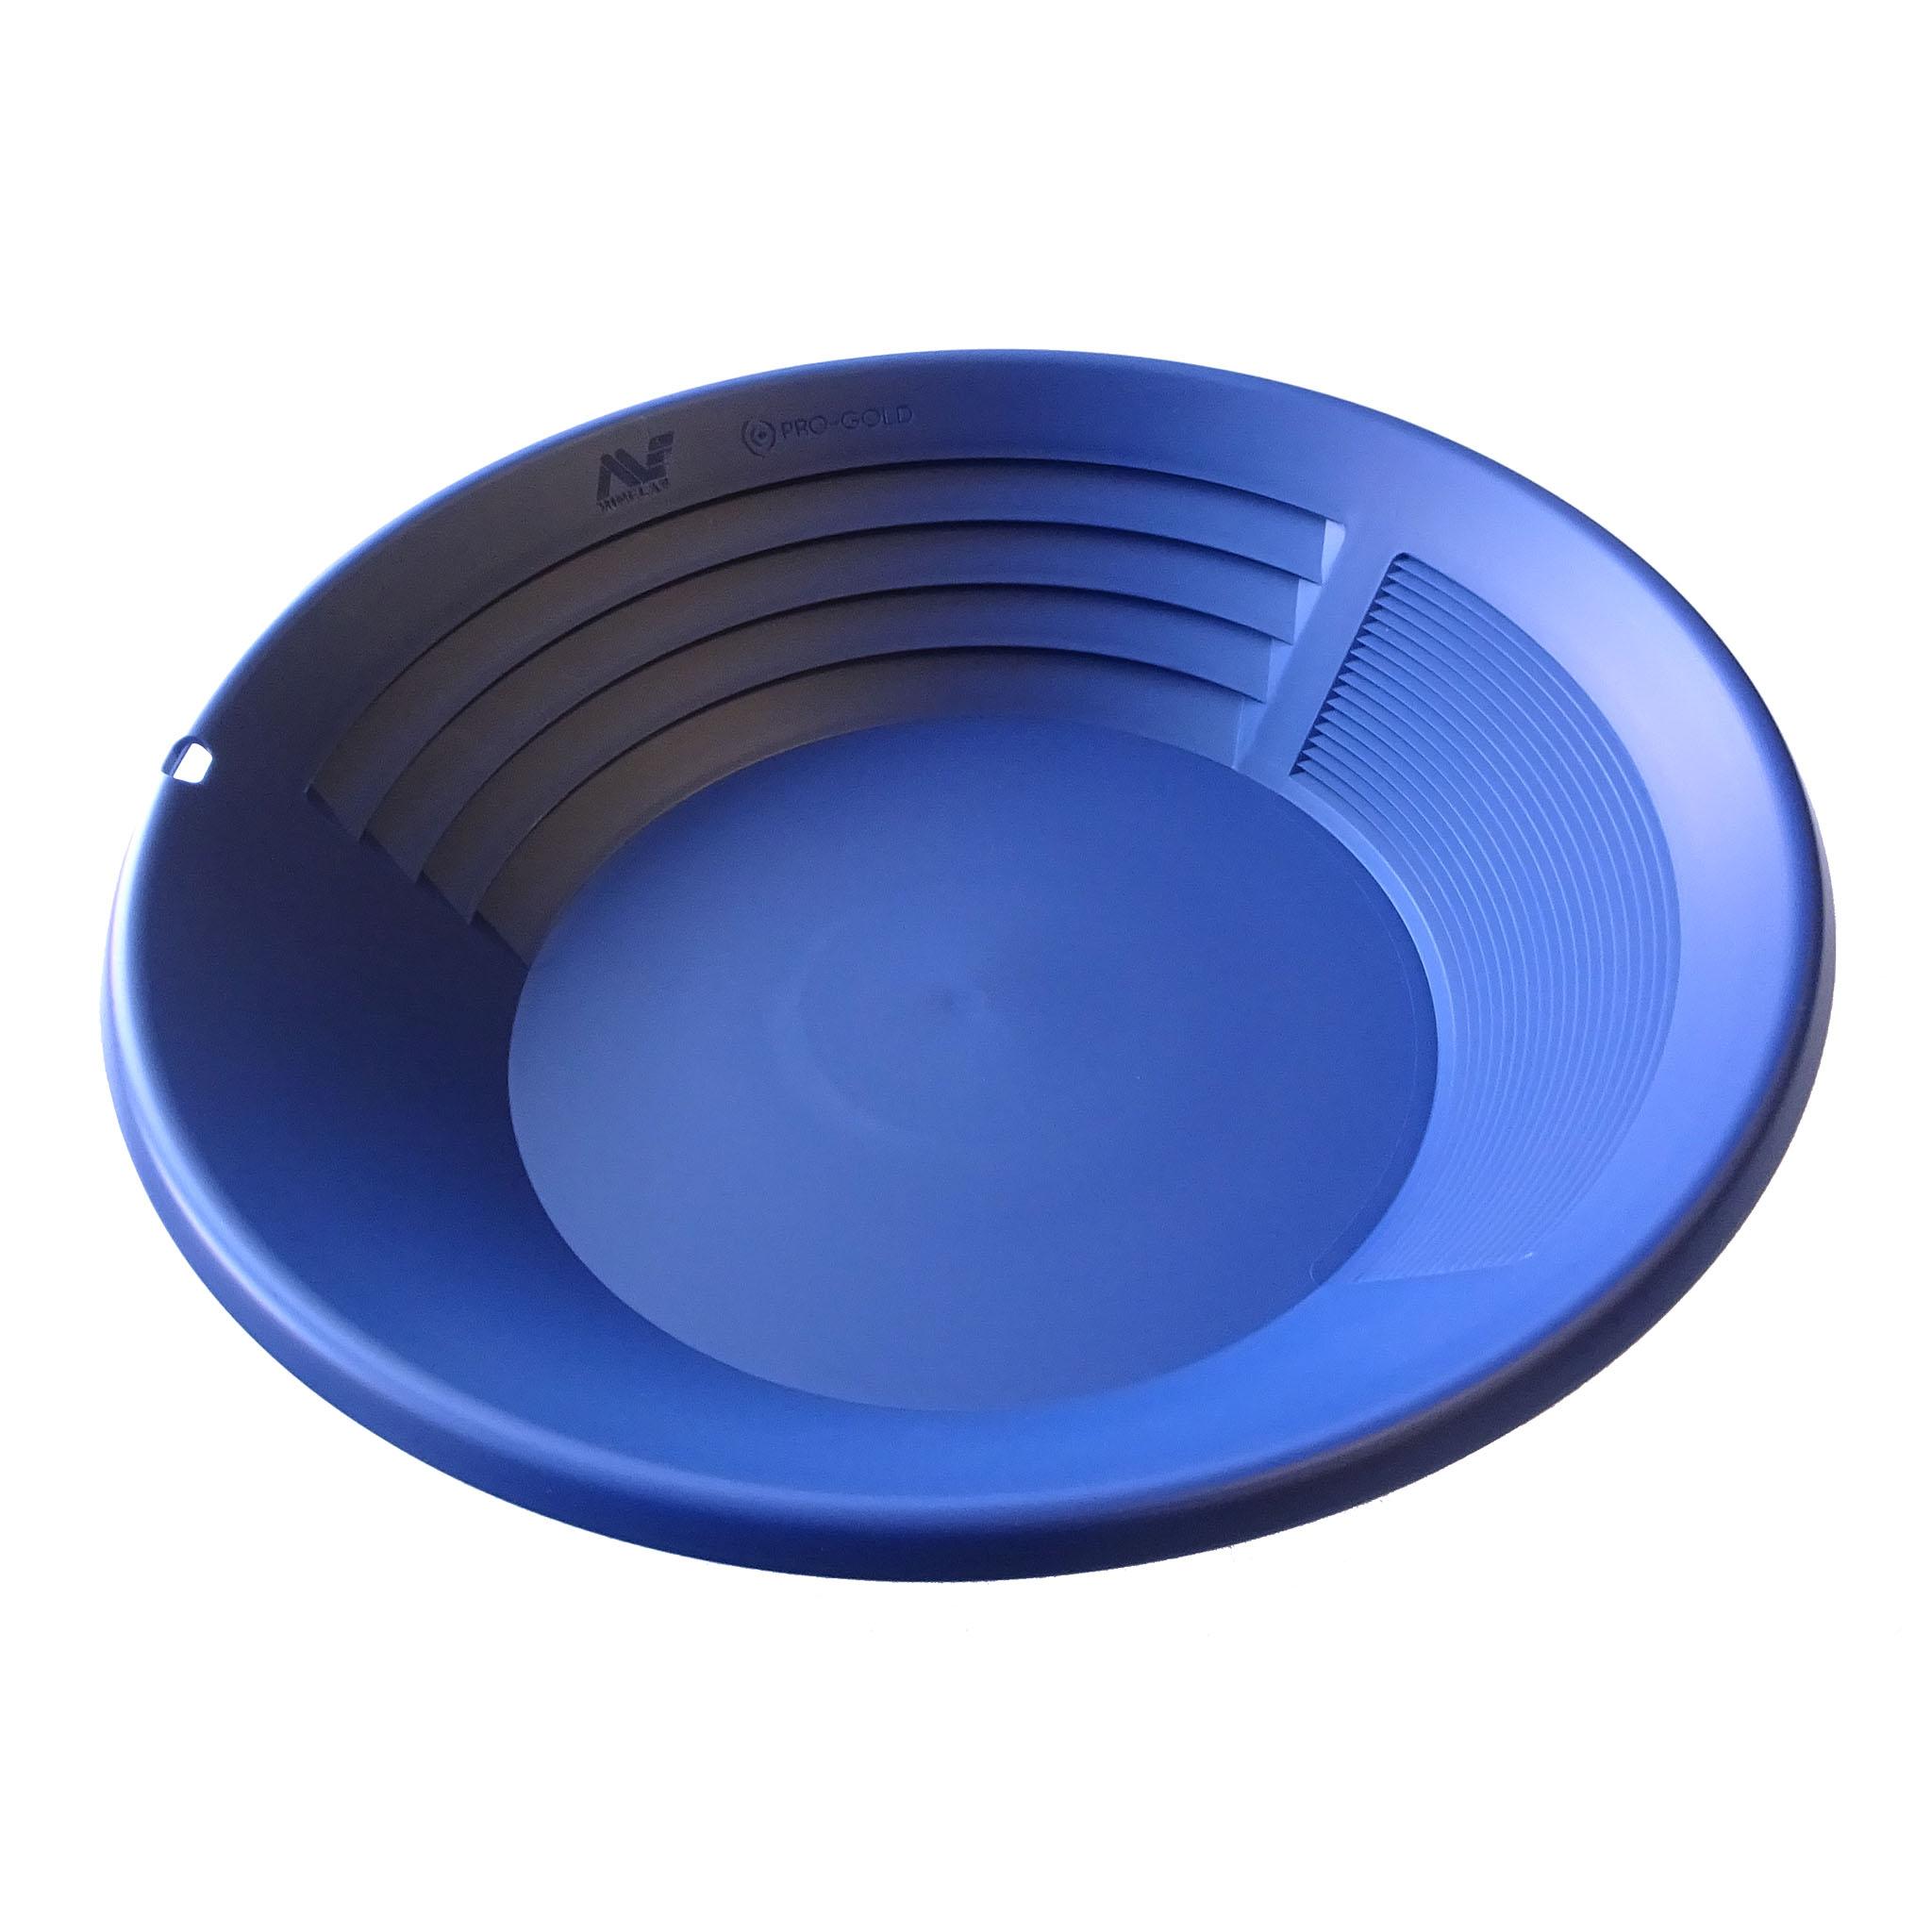 15 inch Dual Riffled Pan